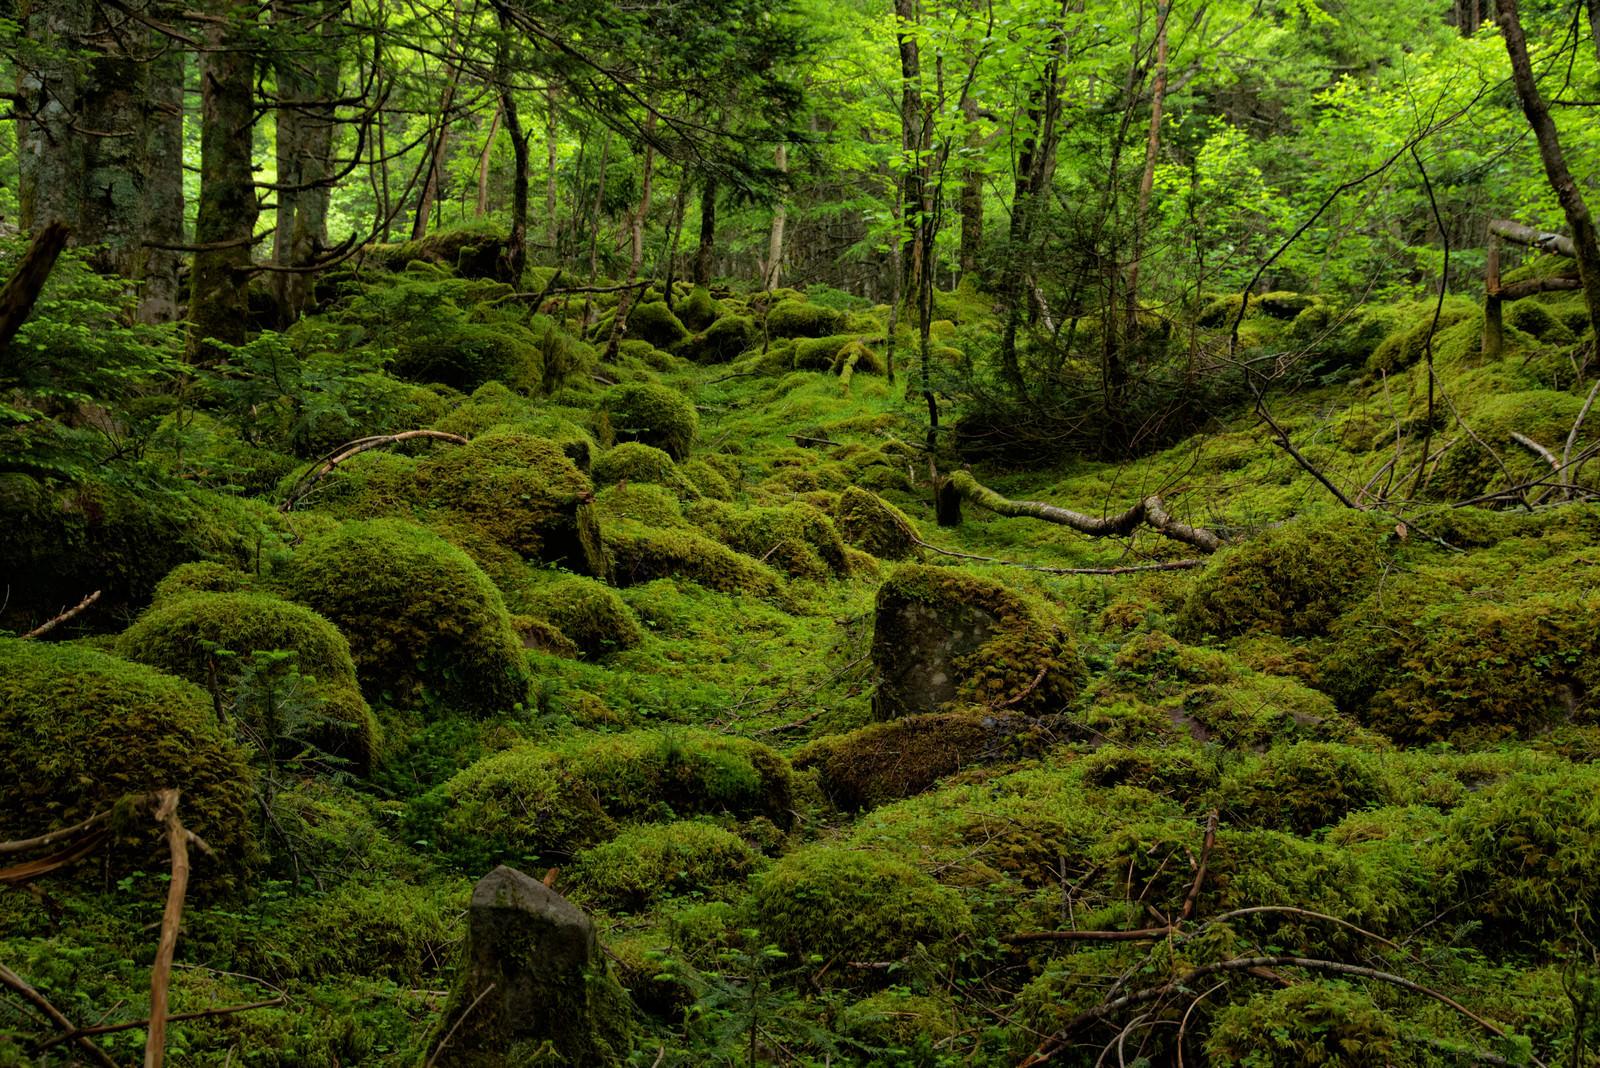 「新緑と苔の絨毯が織り成す世界(八ヶ岳)」の写真